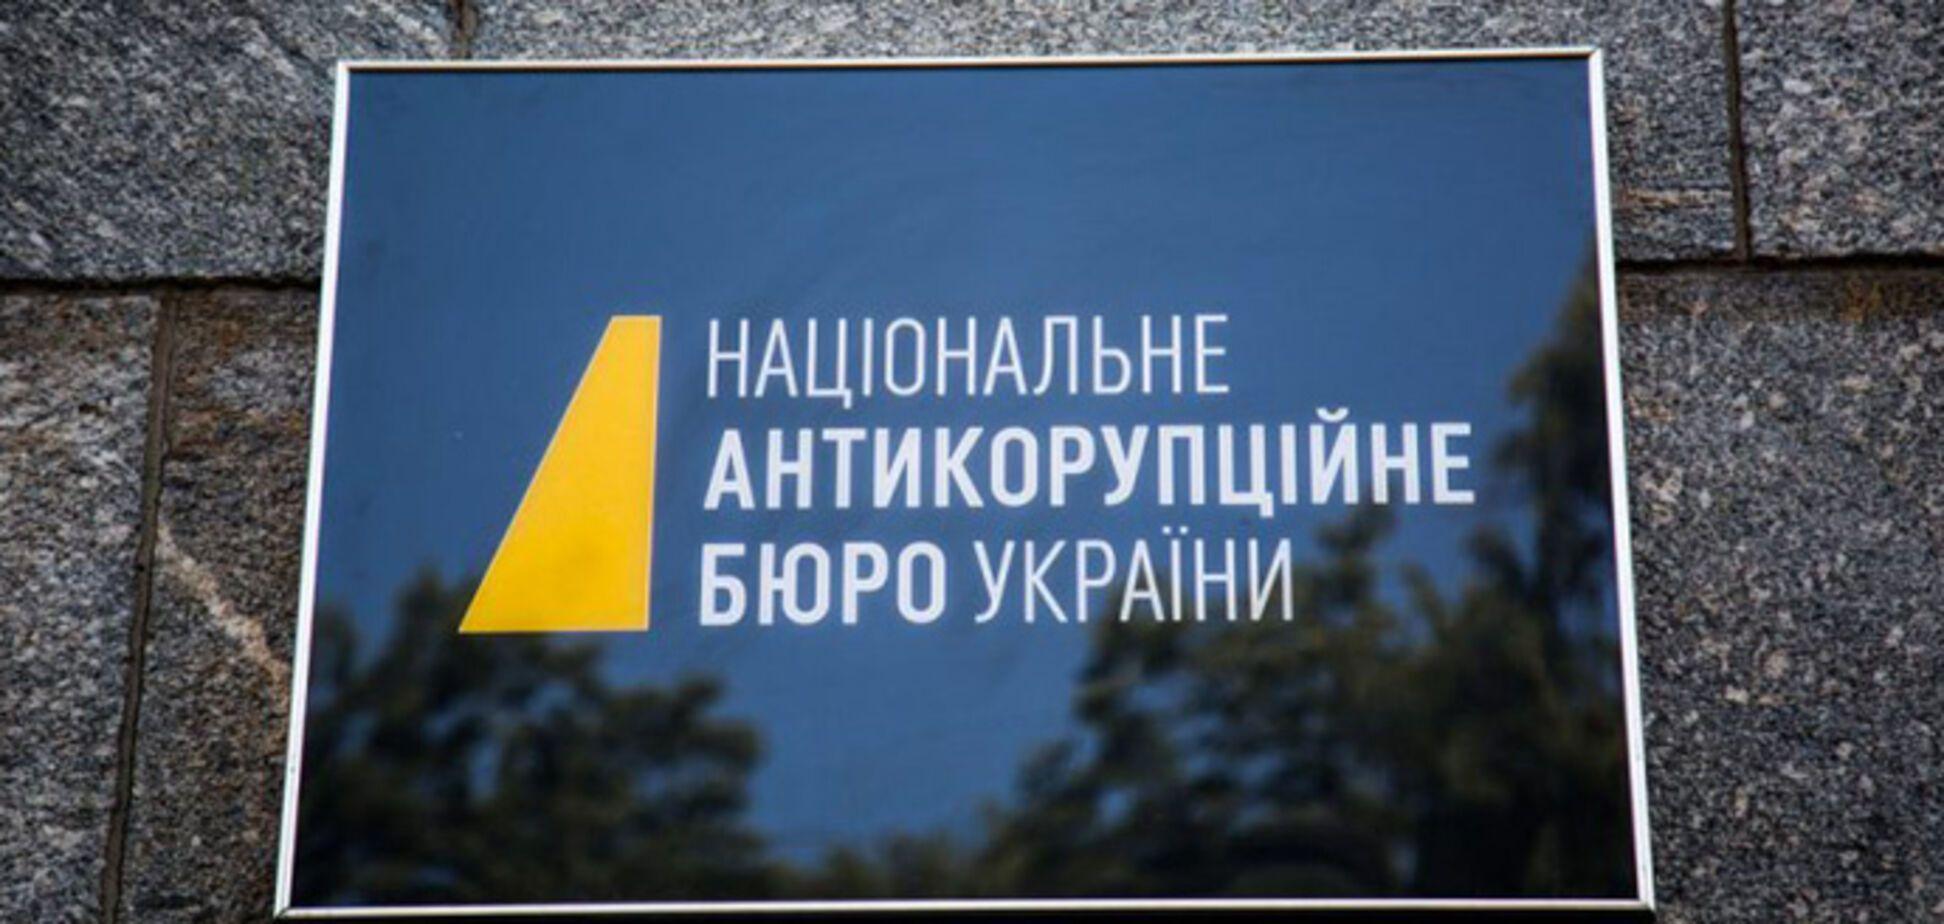 Олександр Карєєв прокоментував зриви спецоперацій через 'злив' інформації фігурантам розслідувань